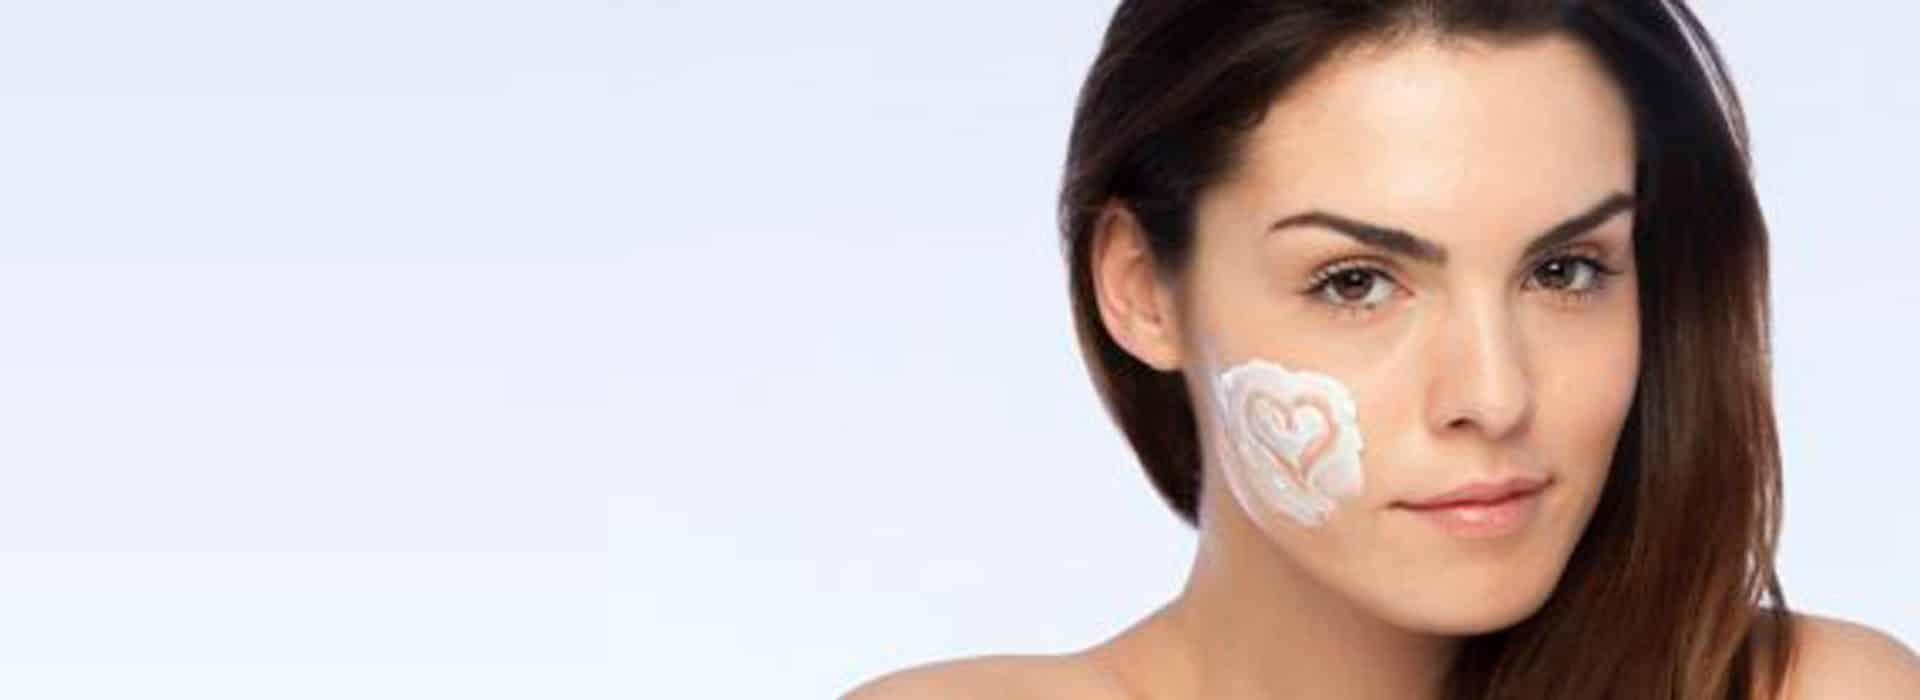 Antioxidantes: cuida y protege tu piel desde dentro